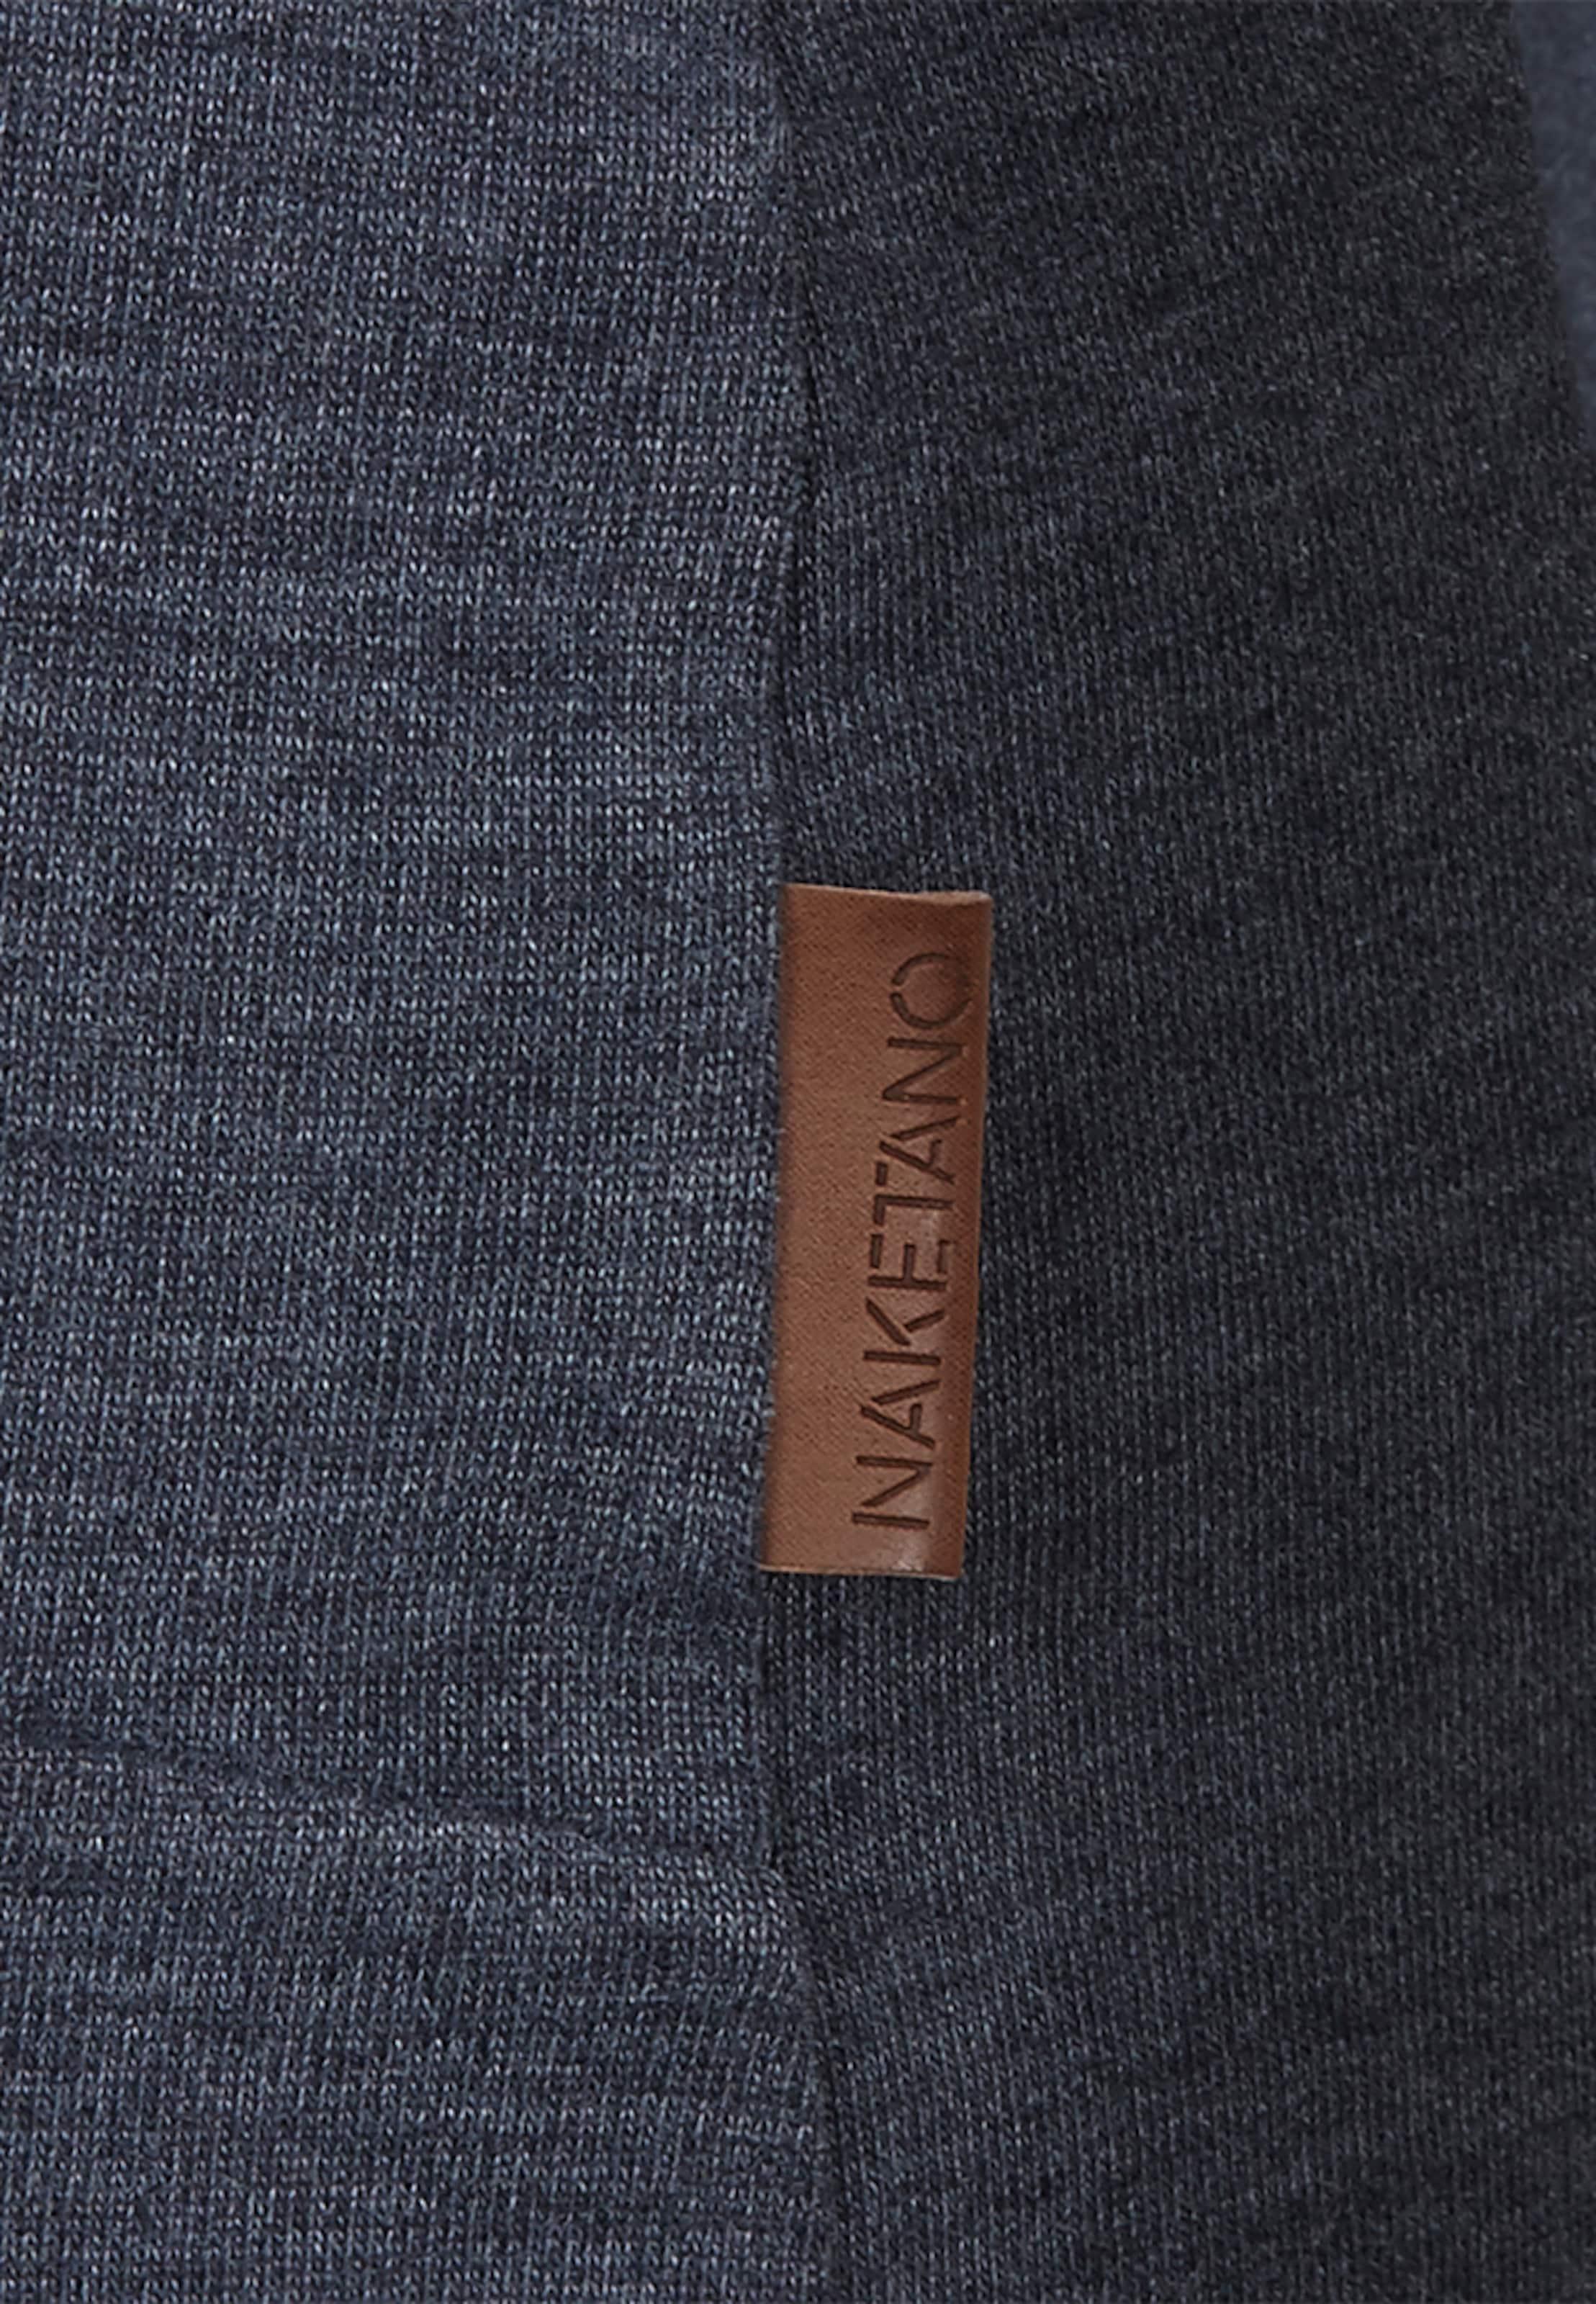 naketano Female Sweatshirt-Kleid 'Schniedelwutz' Billig Verkauf Für Billig 100% Original Günstig Online Verkauf Des Niedrigen Preises 3sWoKILTp